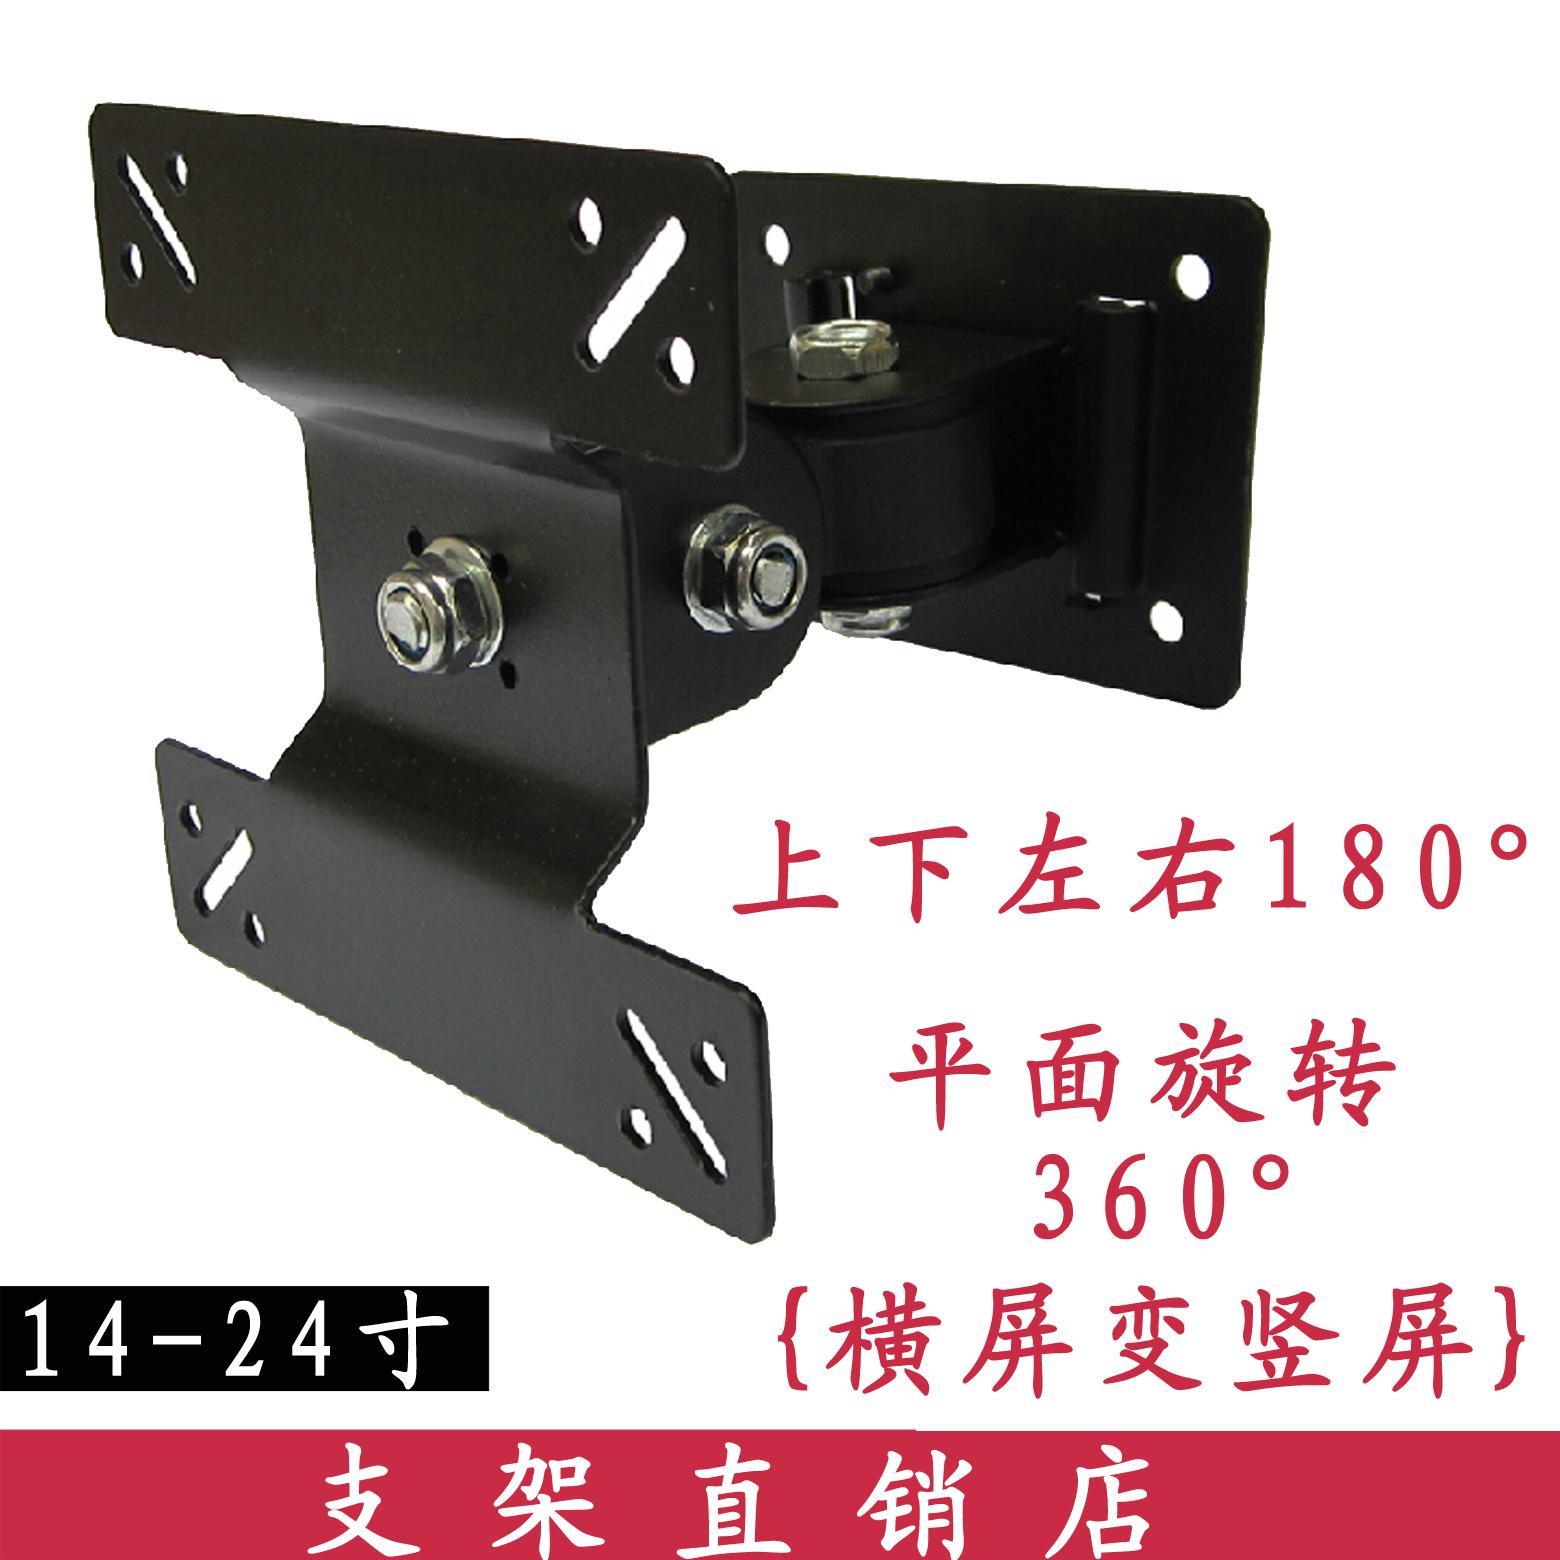 ขาแขวนจอ LCD 14 - 24 นิ้ว F03 ( LCD TV Bracket TV rack )